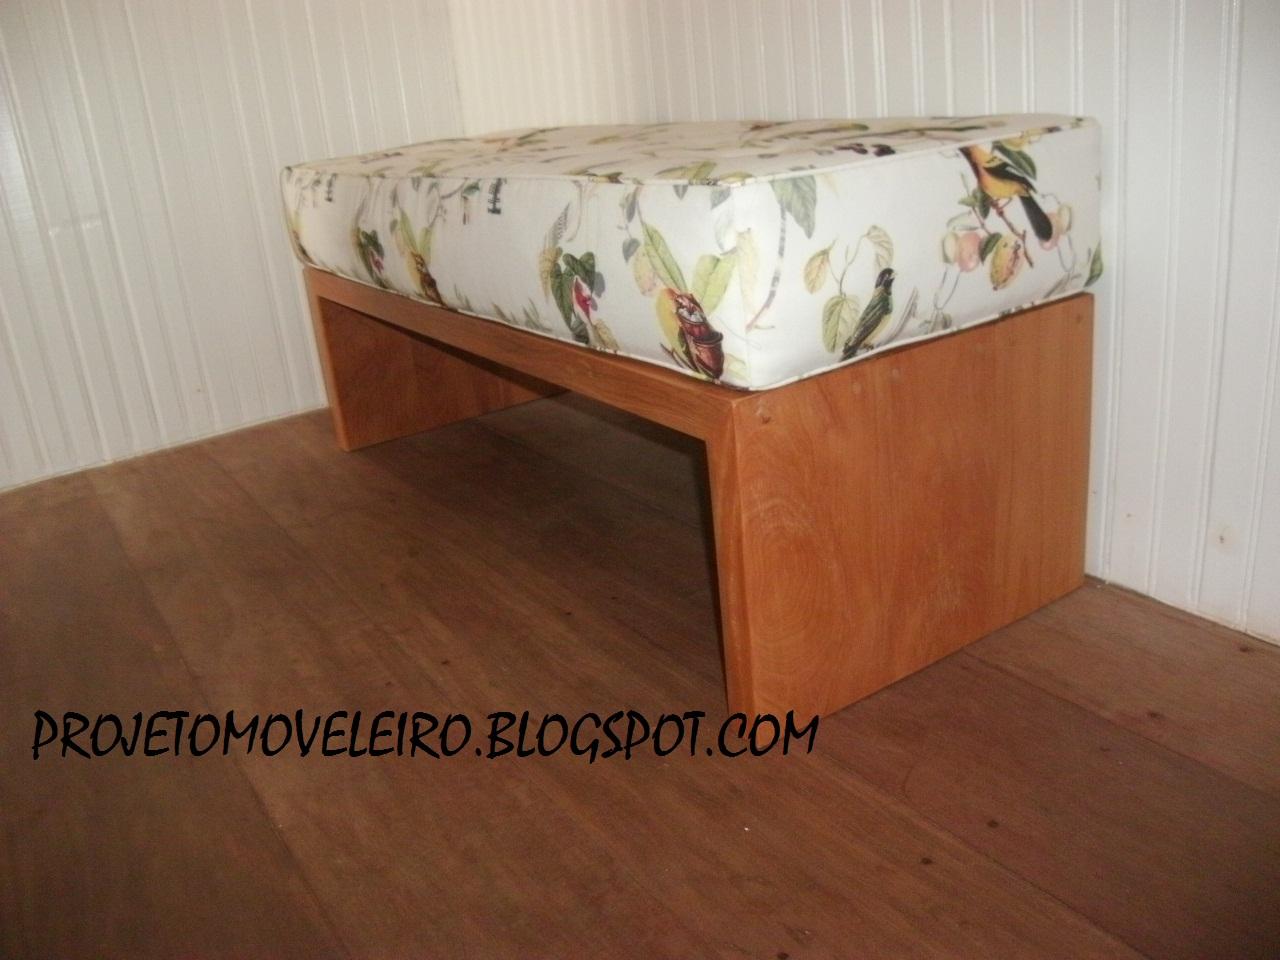 SOB MEDIDA: Banco feito com Peroba de demolição e estofado de futon #995732 1280x960